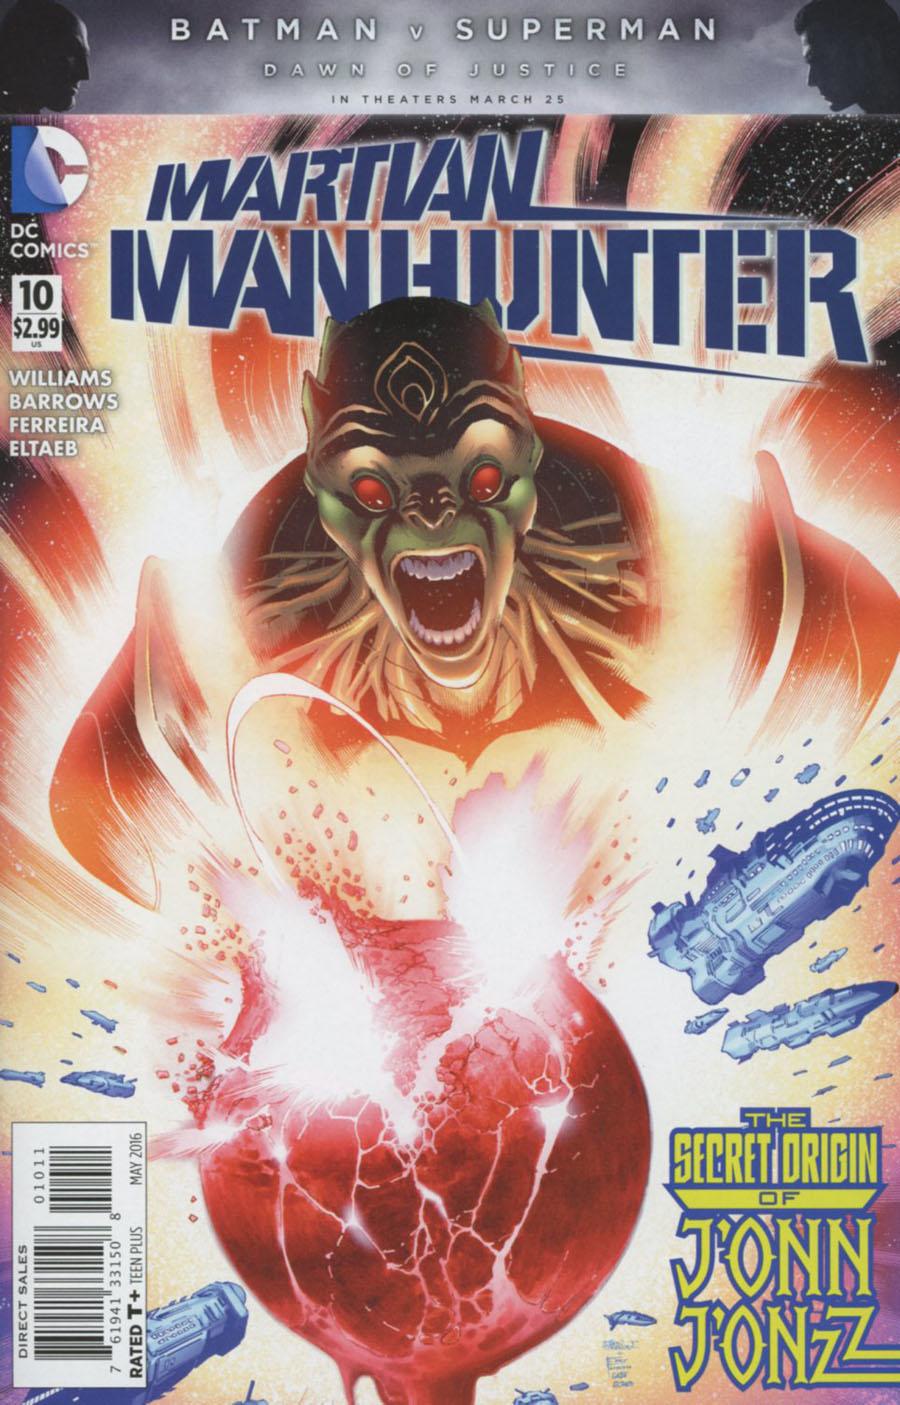 Martian Manhunter Vol 4 #10